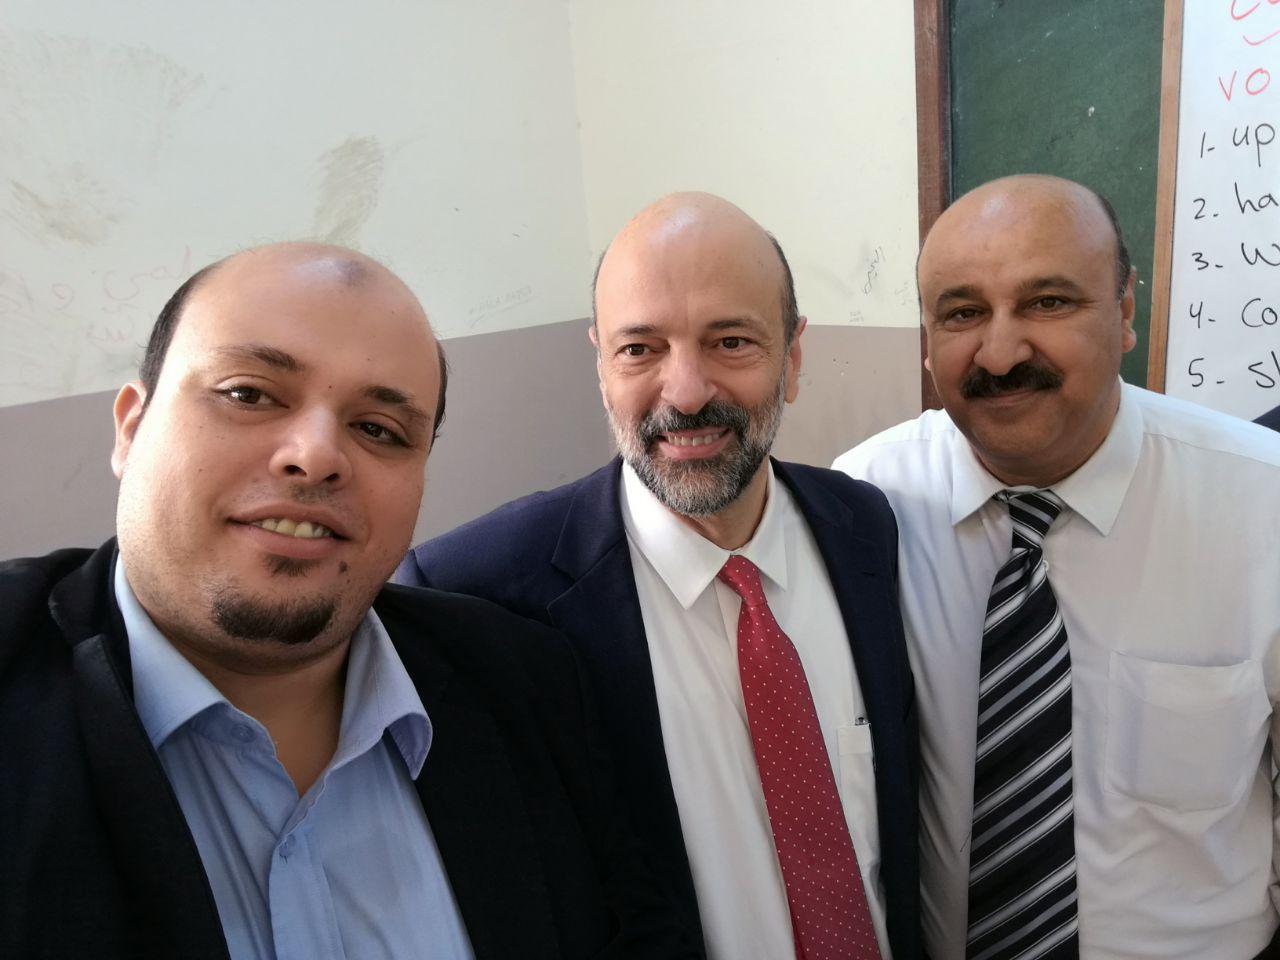 أنس وهدان و محمد يوسف مبارك التكريم